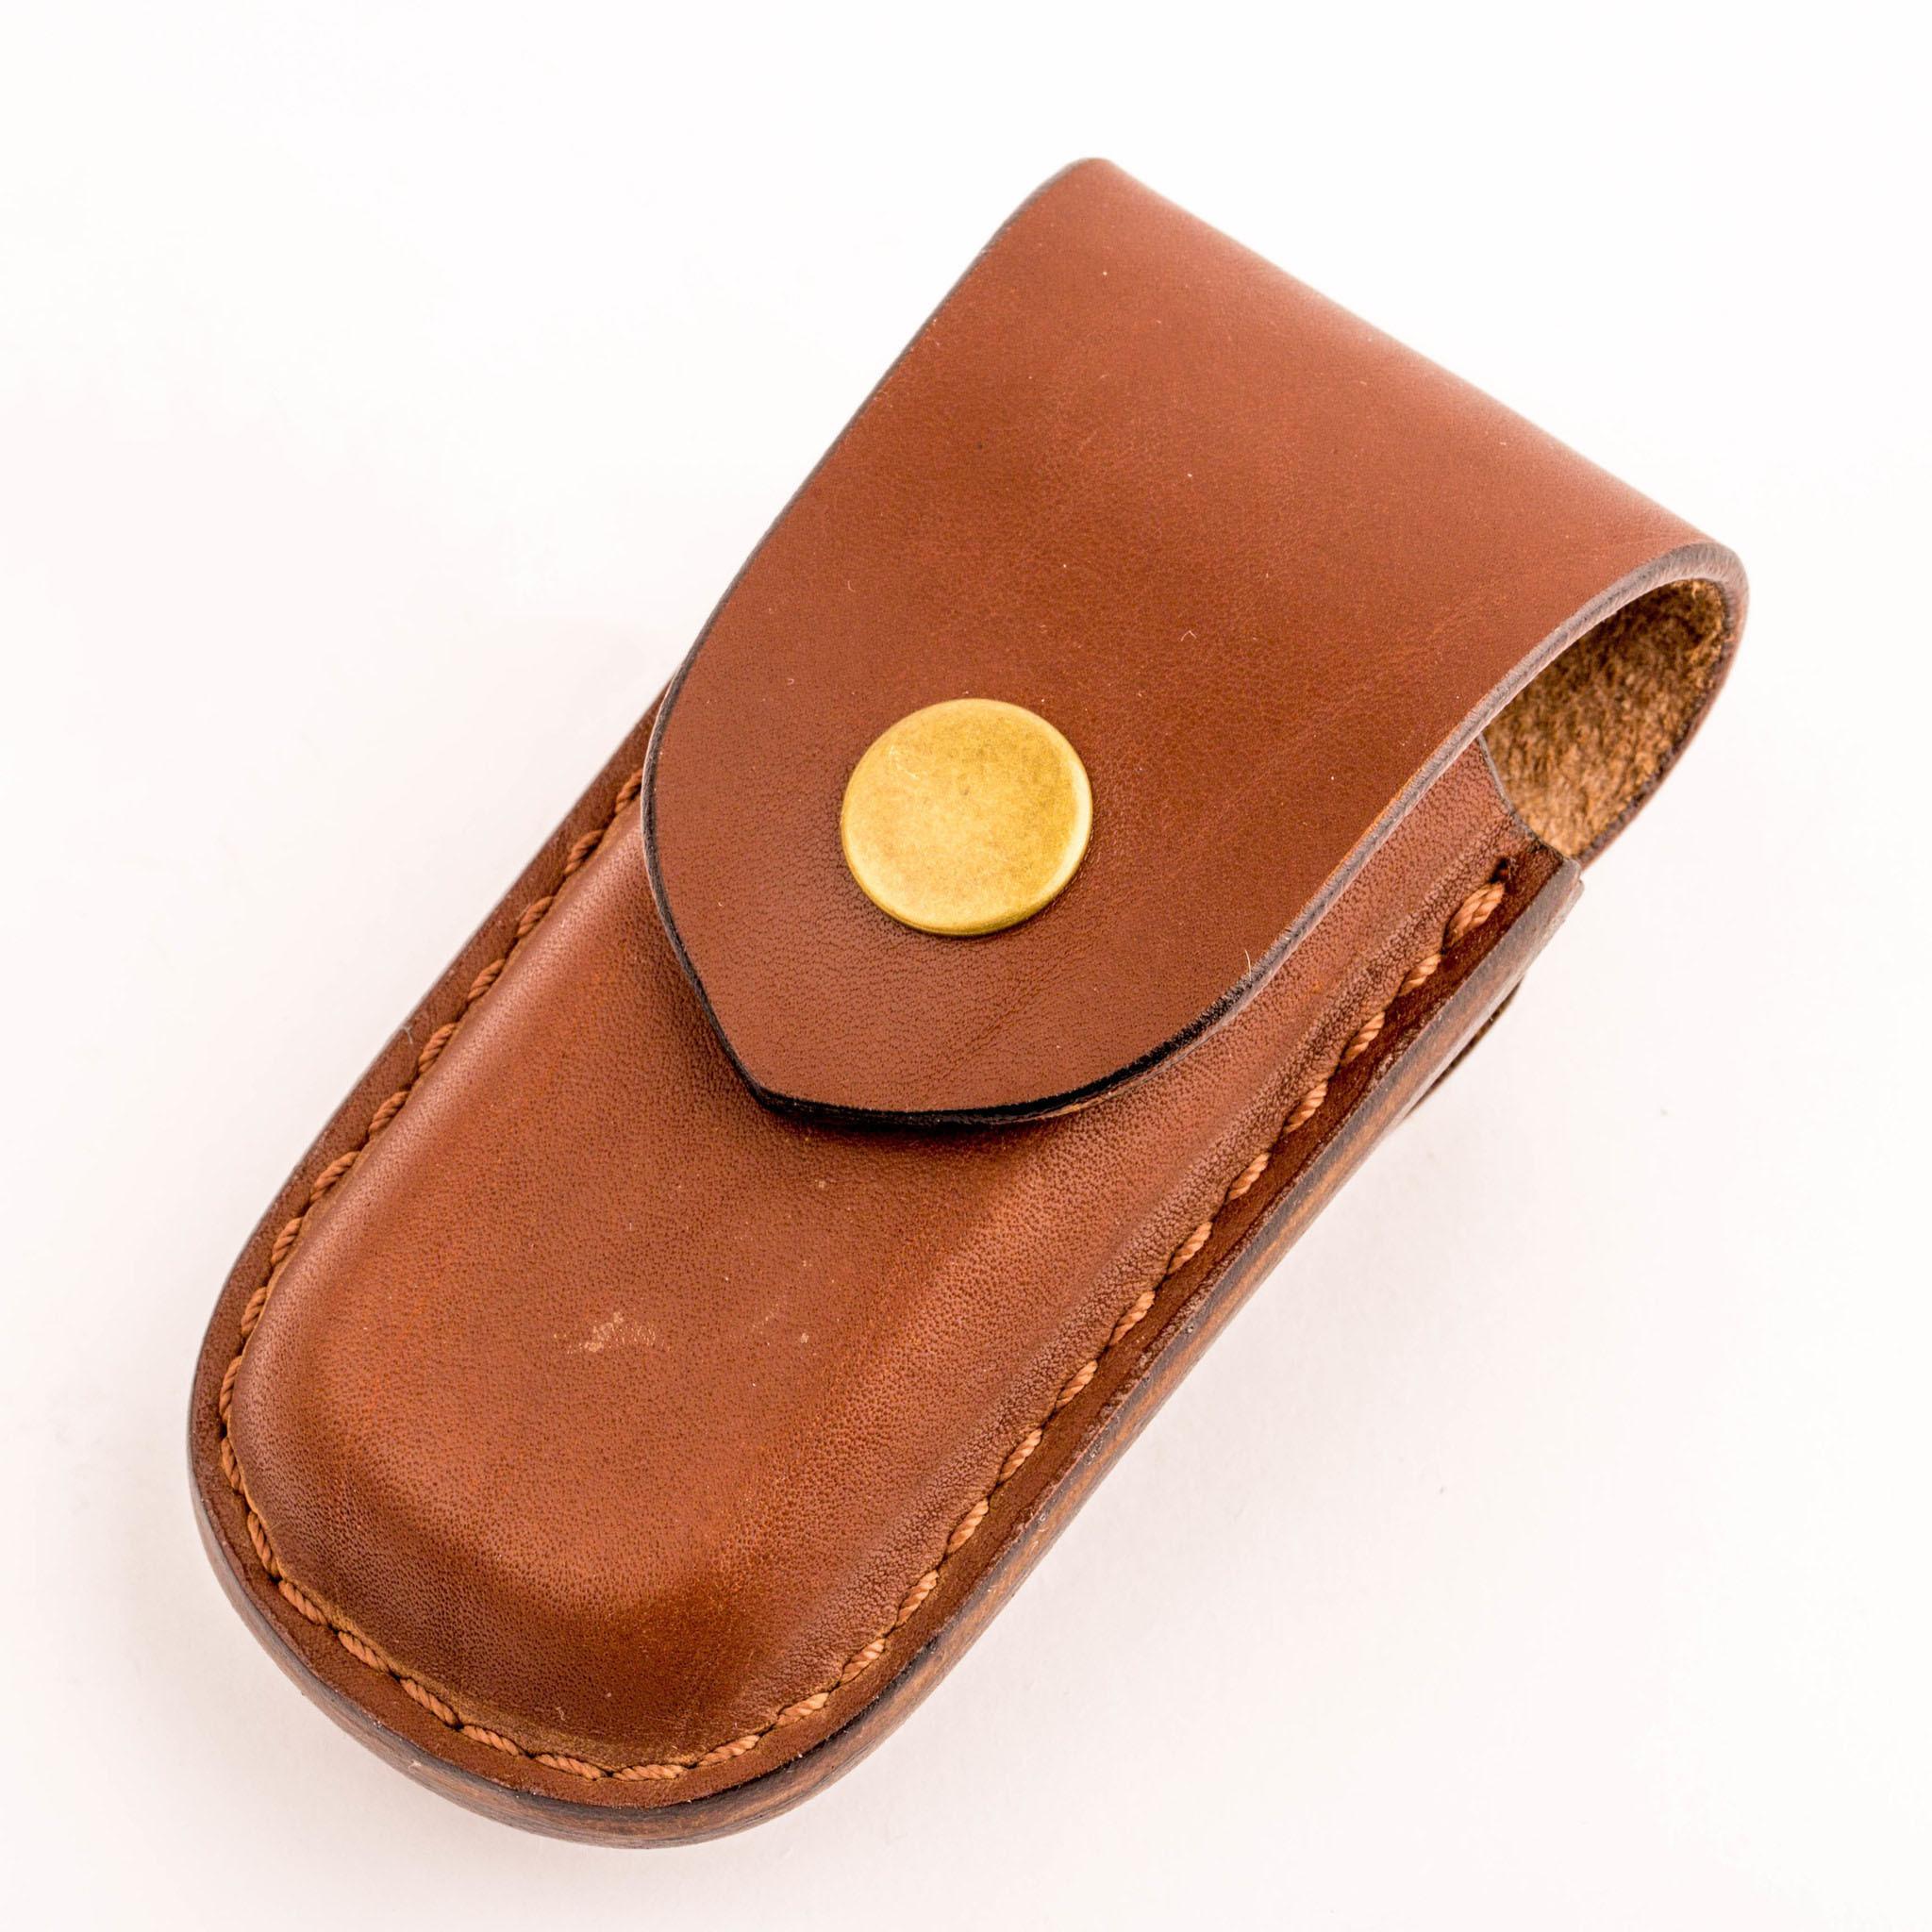 Чехол для складного ножа Шора, размер 100х35х18 мм, коричневый от Петербургская шорная мастерская